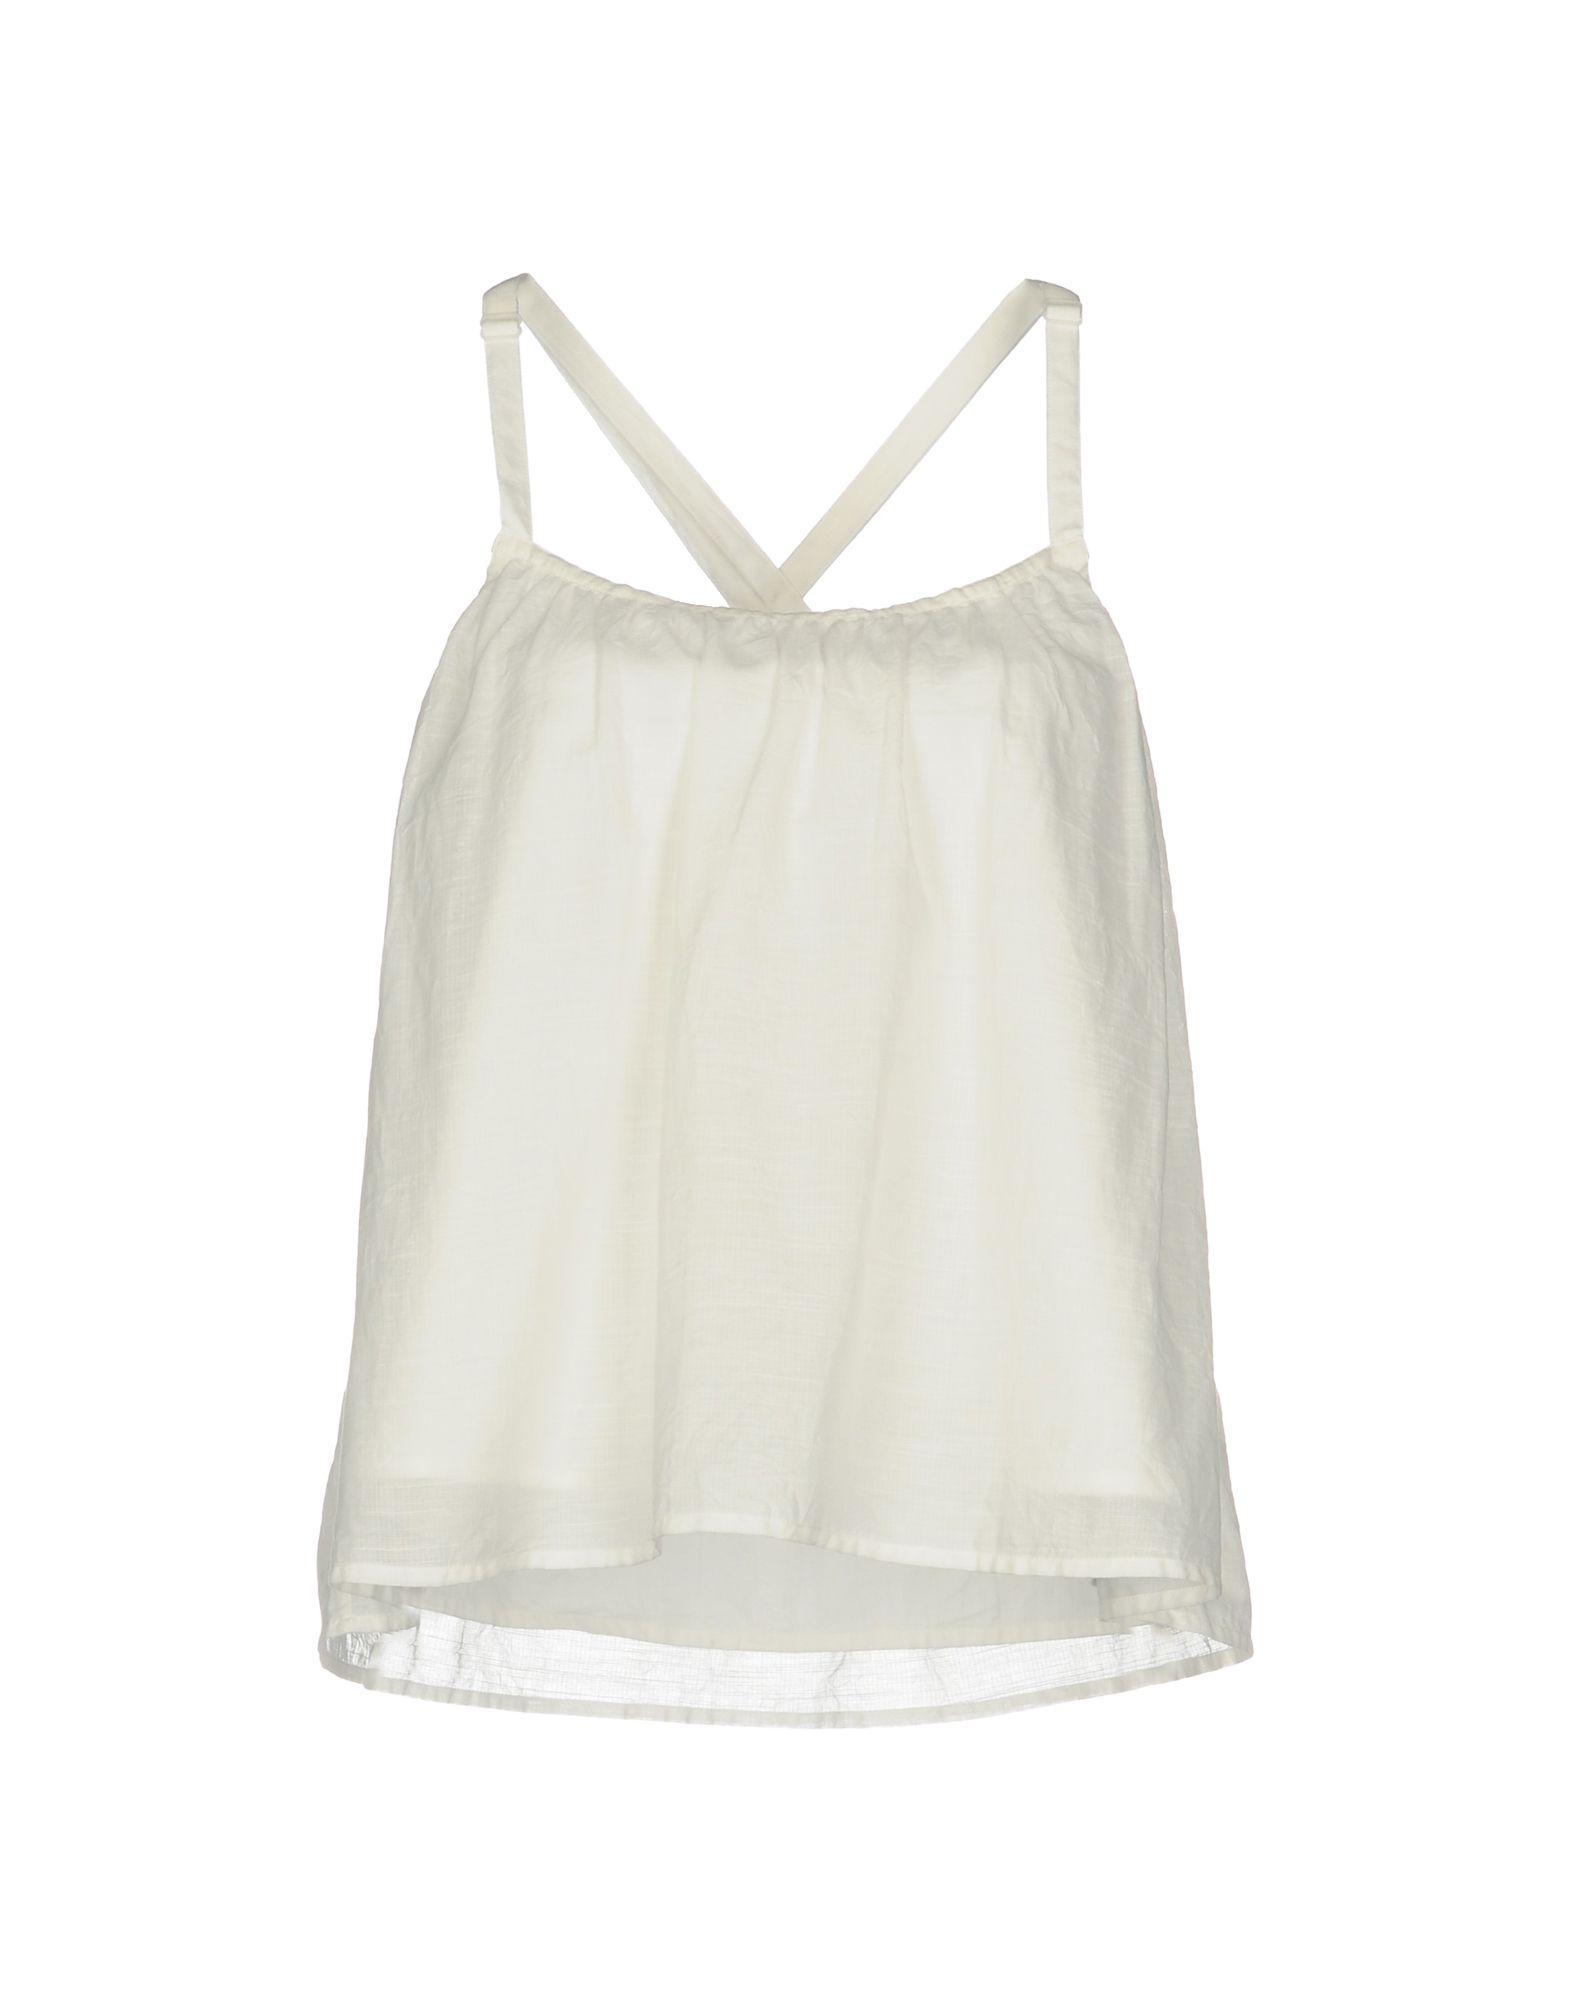 RENLI SU Top in White